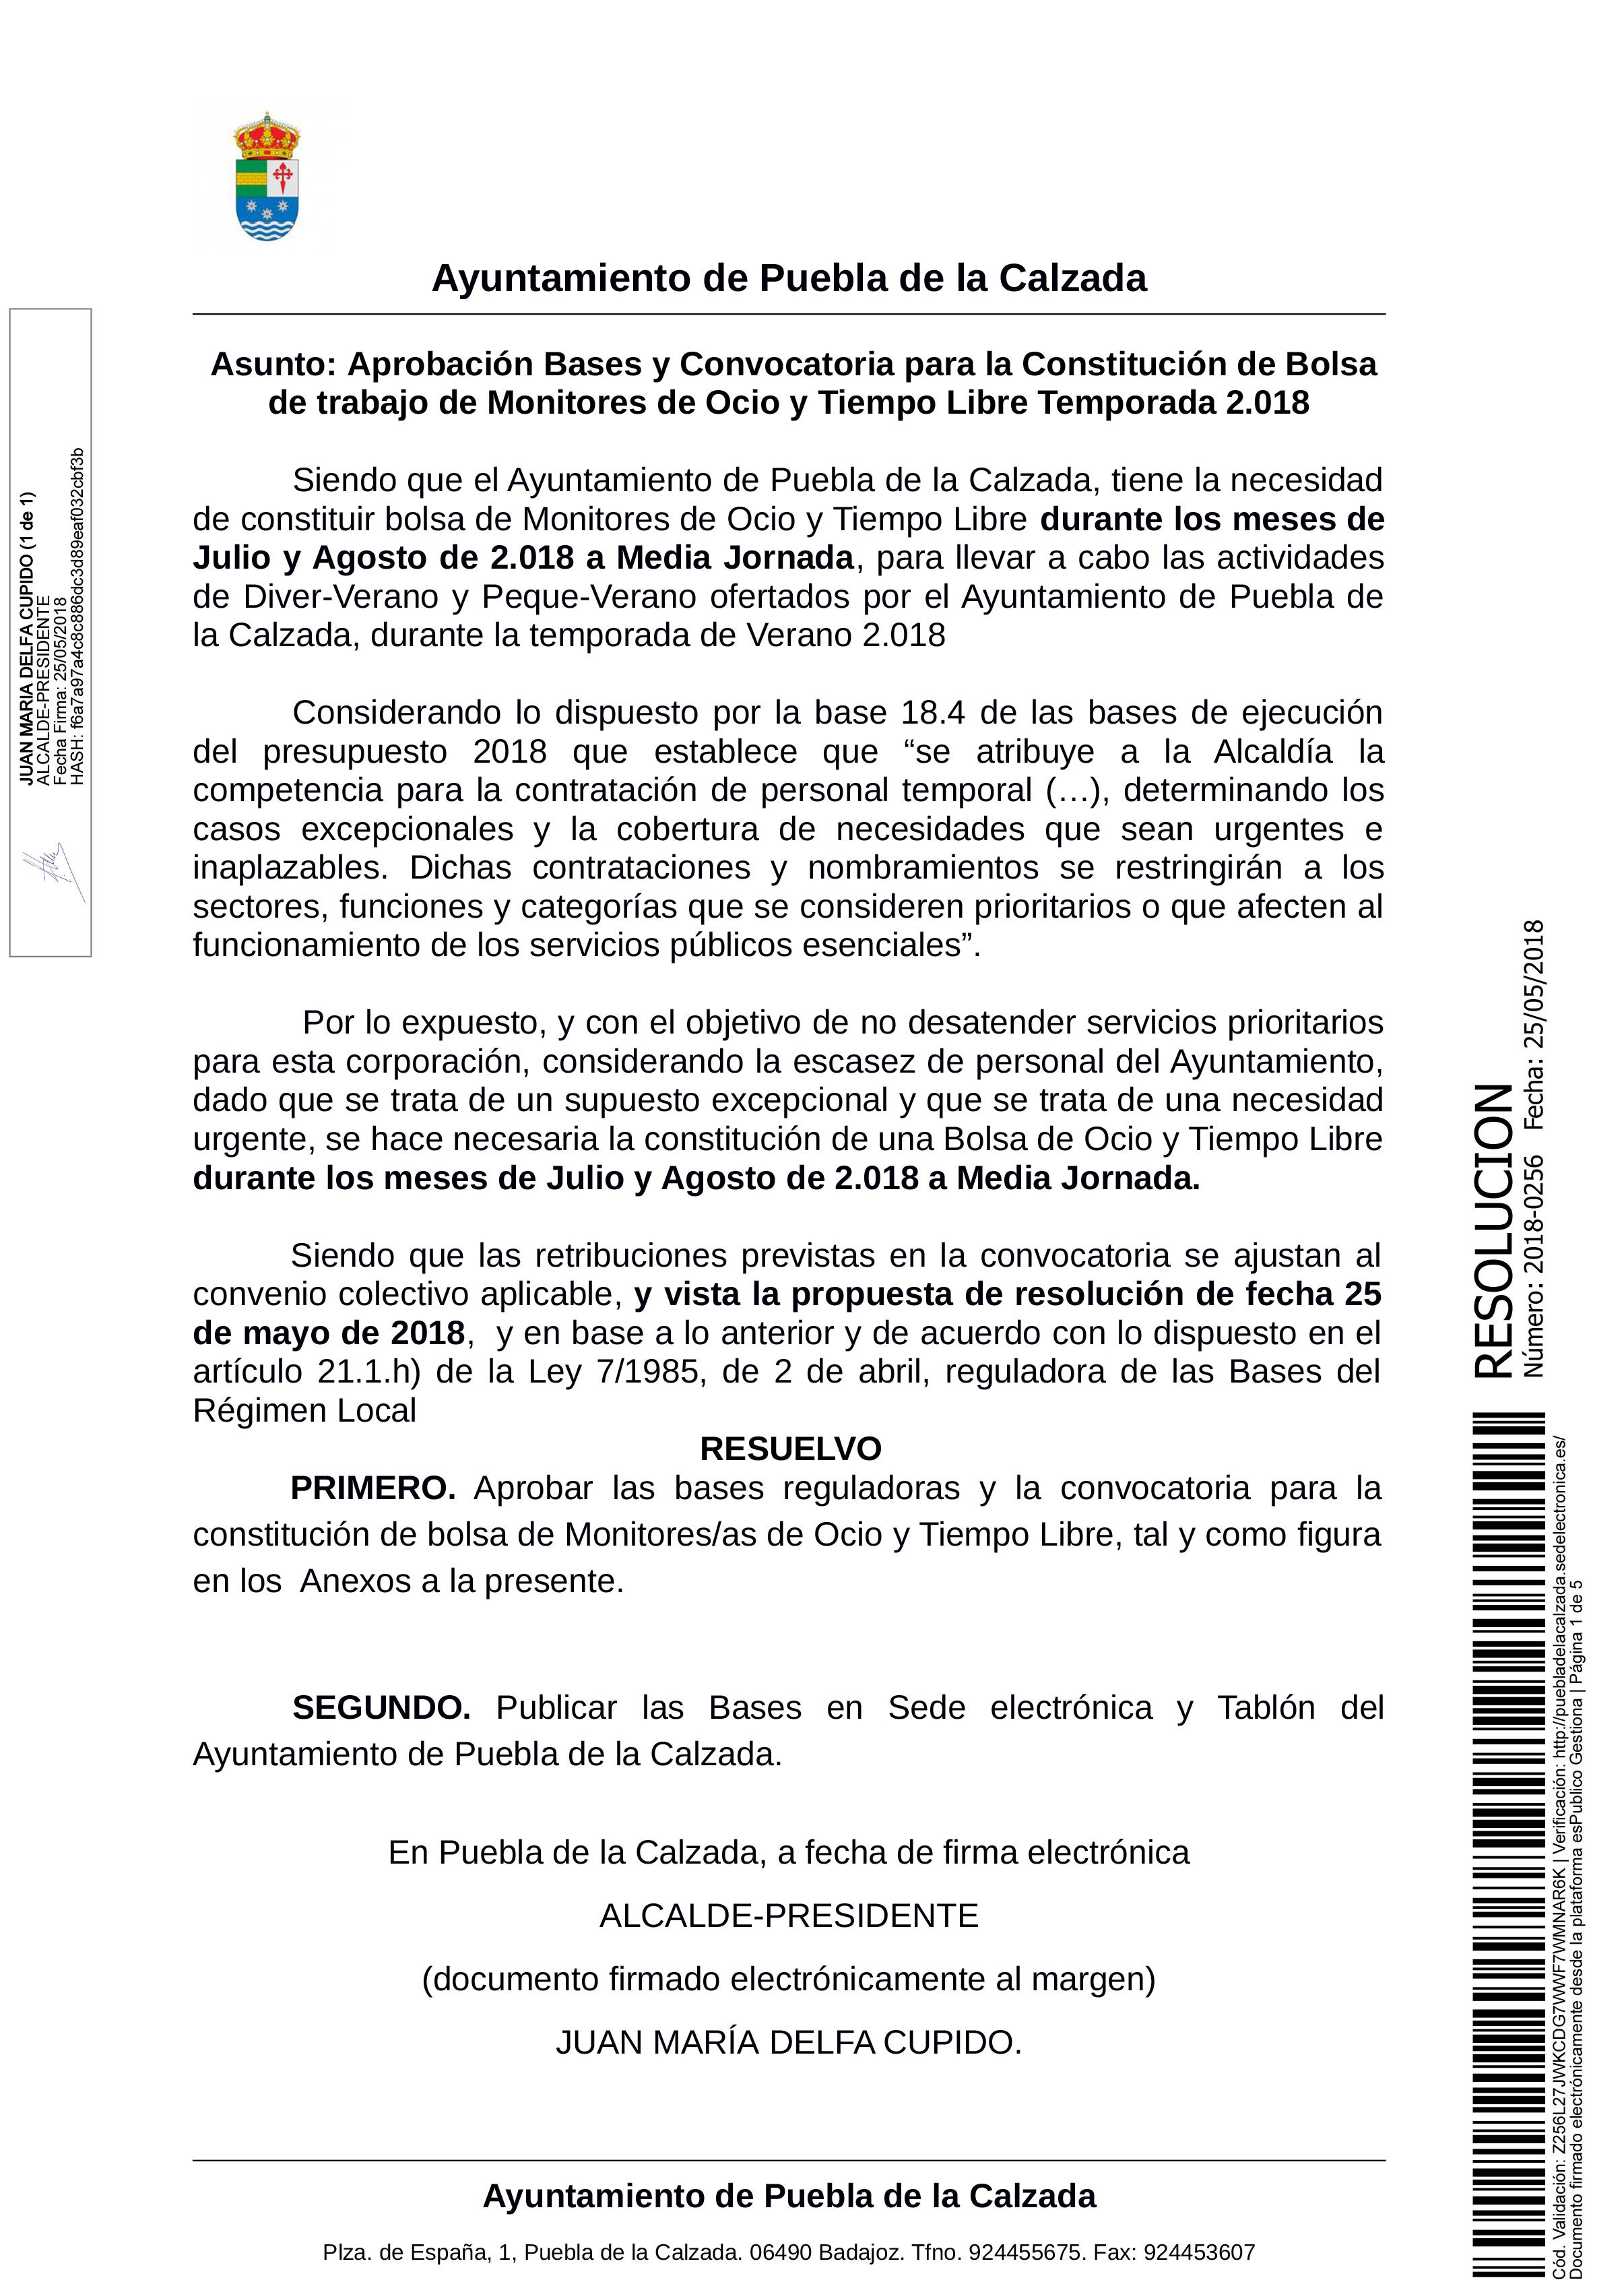 ABIERTO EL PLAZO PARA LA CONSTITUCIÓN DE BOLSA DE TRABAJO DE MONITOR DE OCIO Y TIEMPO LIBRE